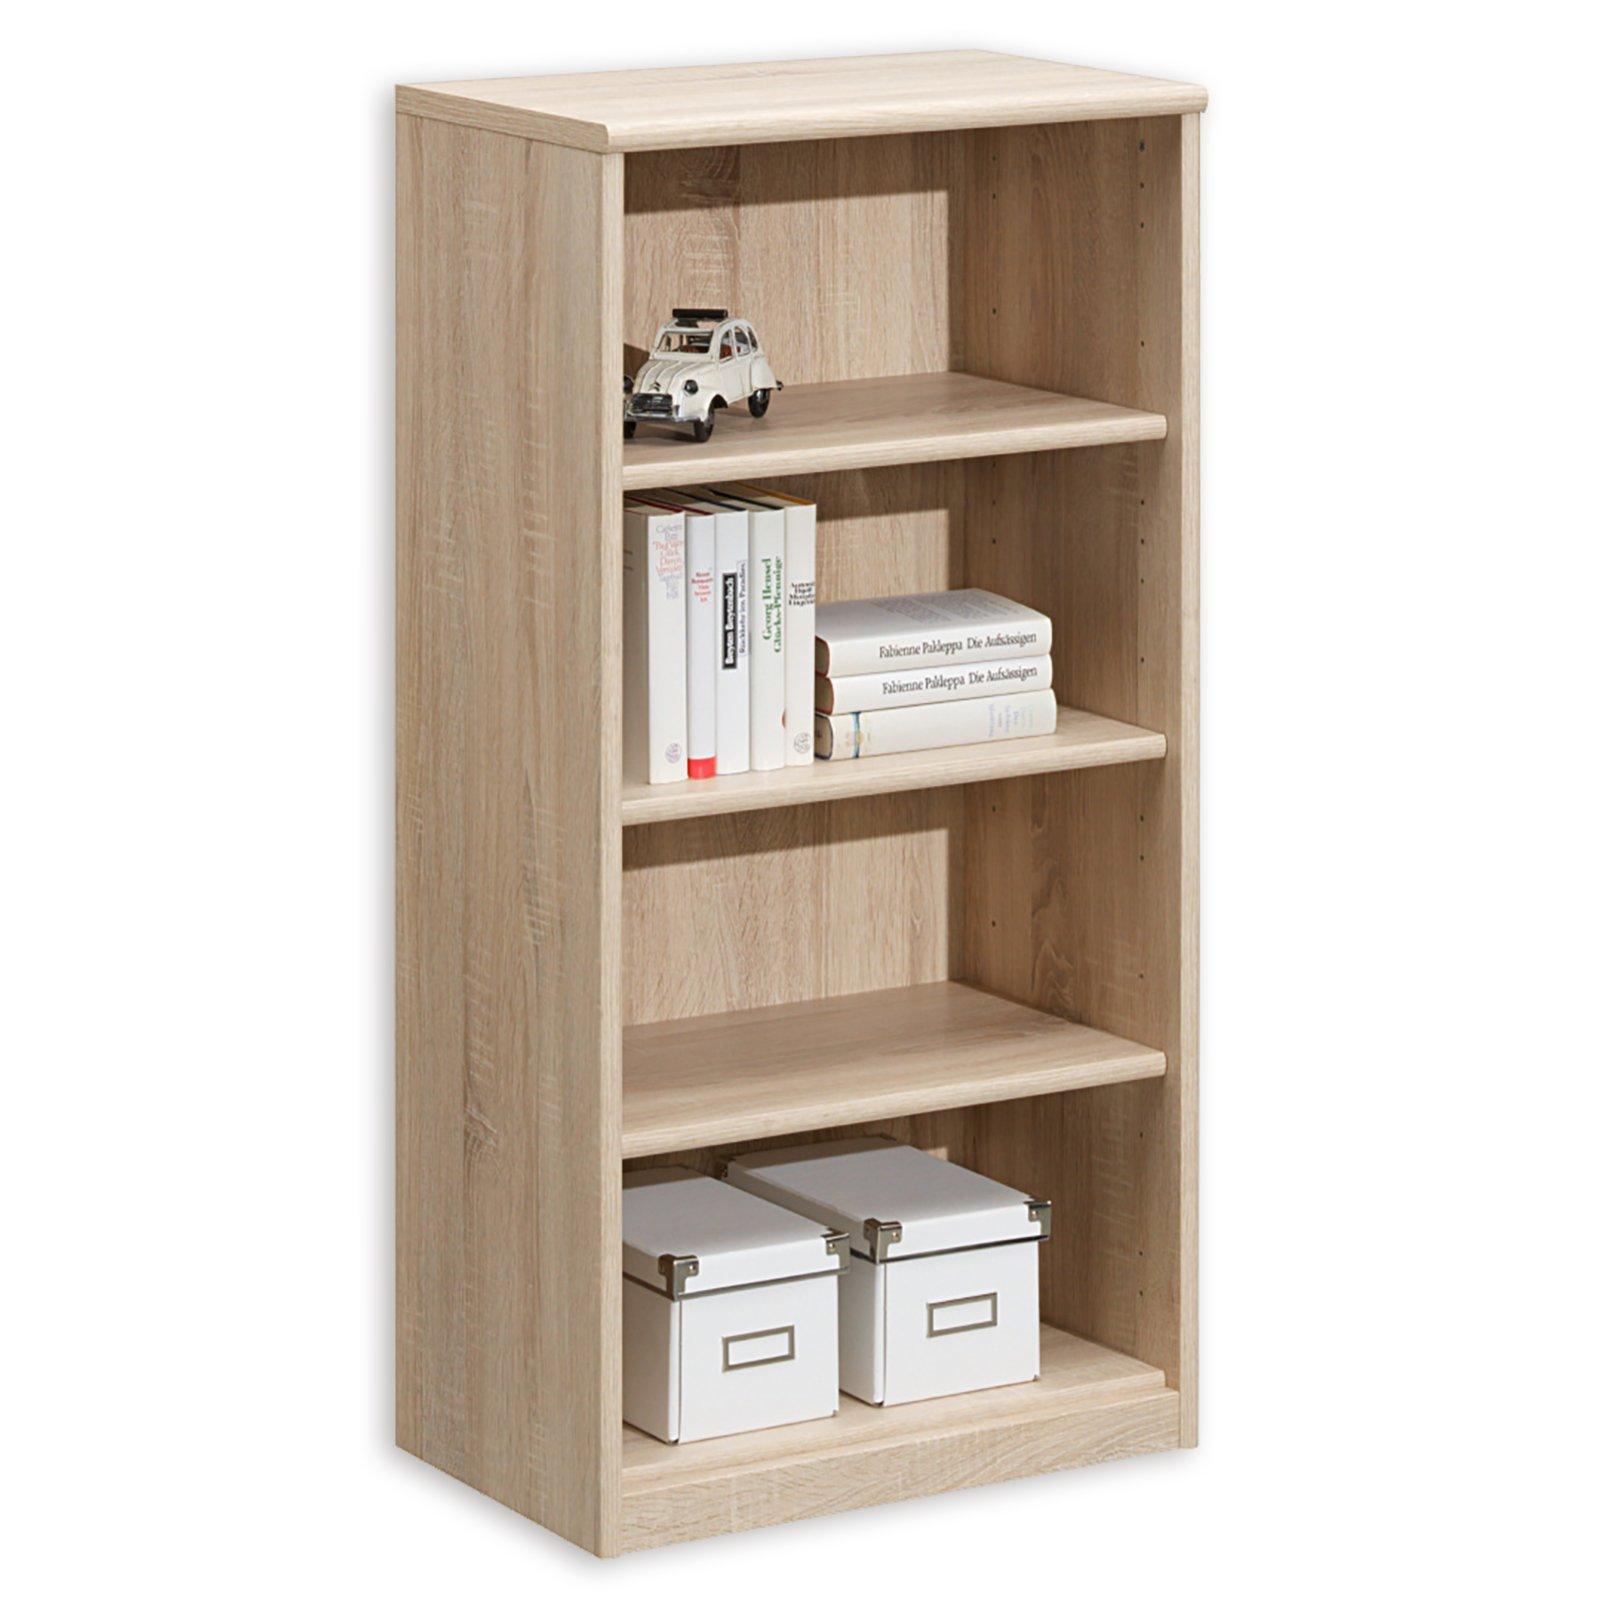 regal soft 051 41 eiche 55 cm breit wohnprogramm soft wohnprogramme wohnzimmer. Black Bedroom Furniture Sets. Home Design Ideas